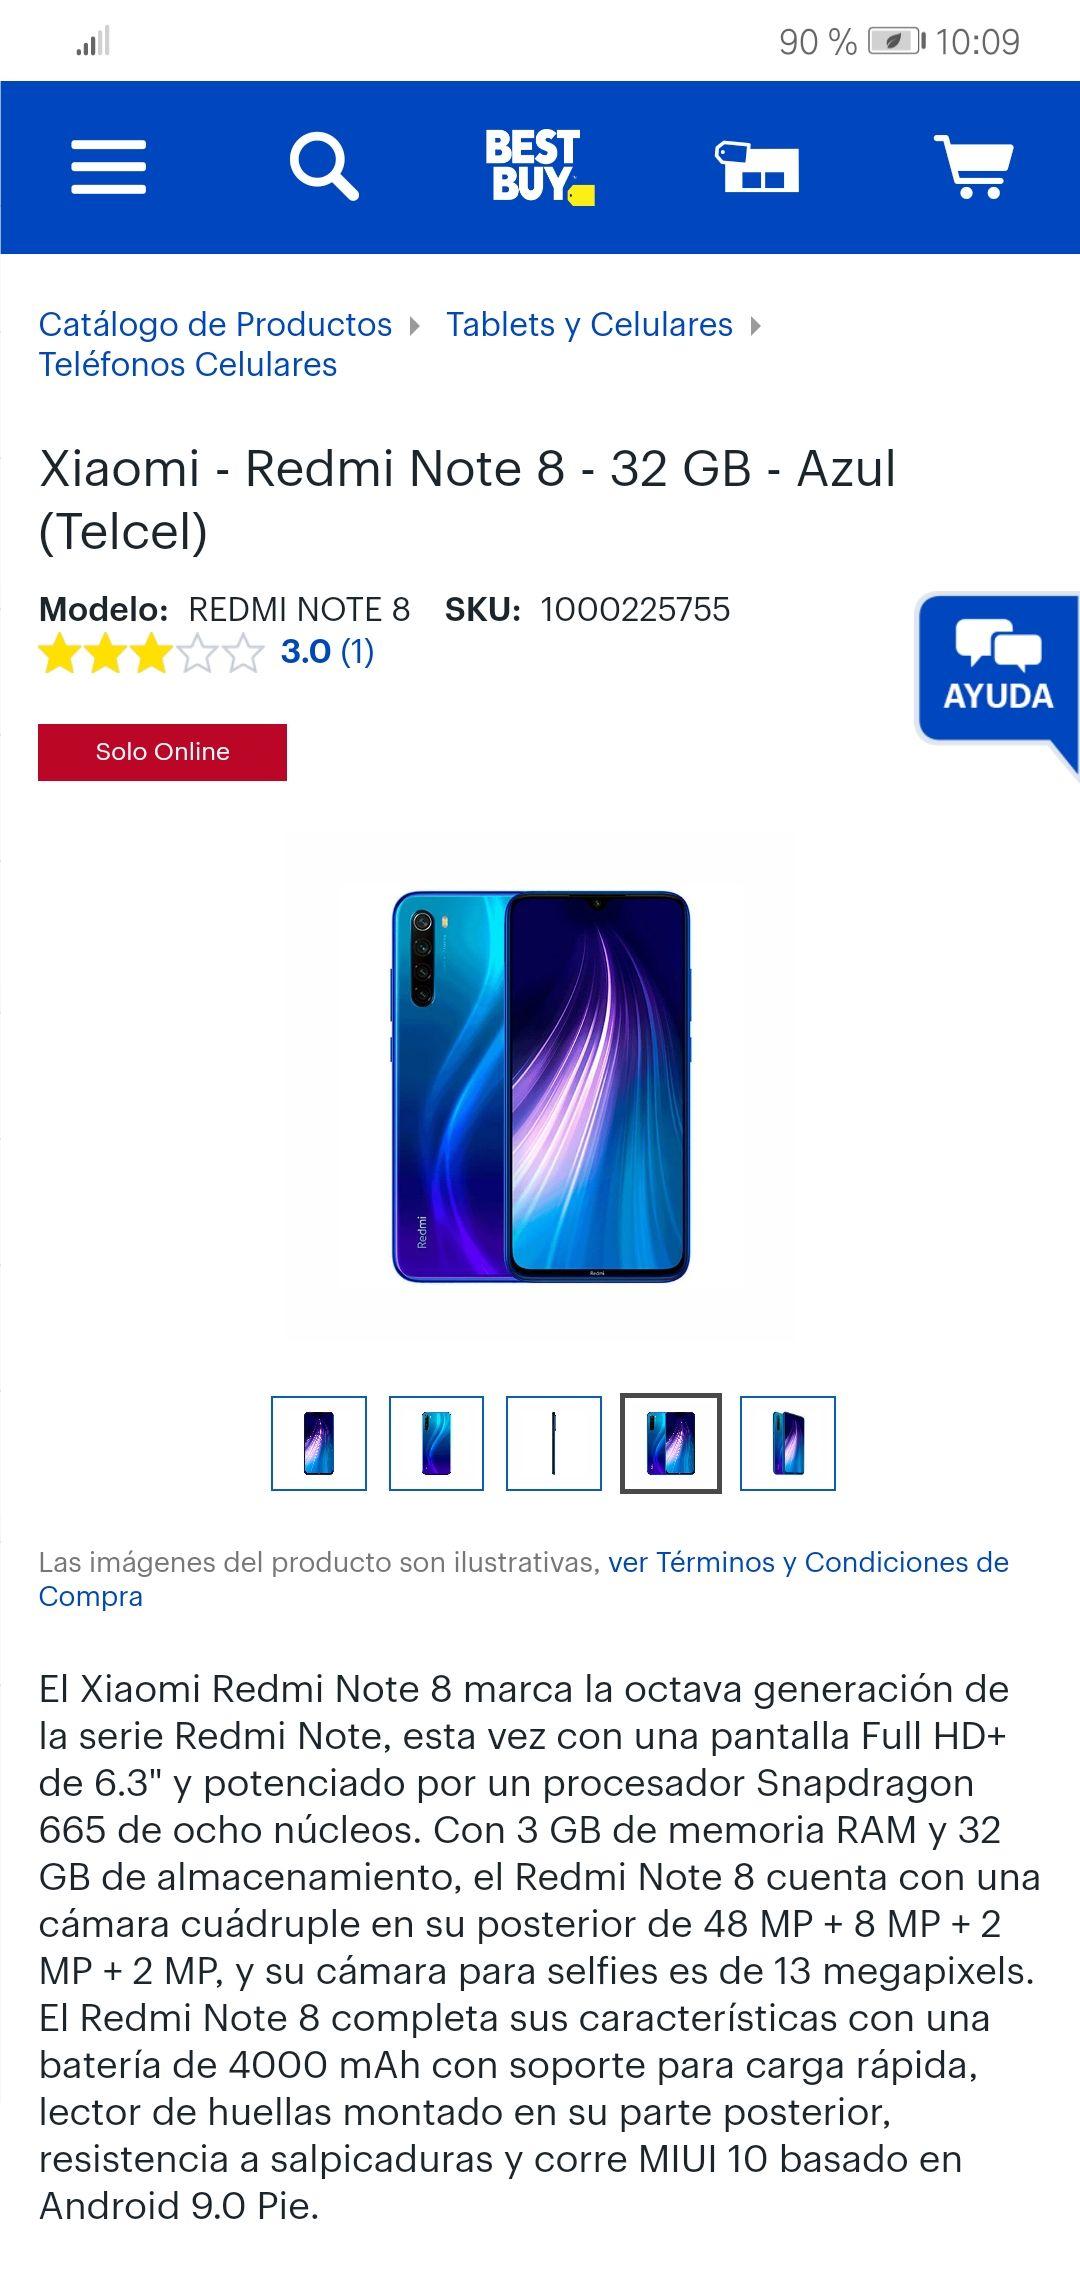 Best Buy: Xiaomi Redmi Note 8